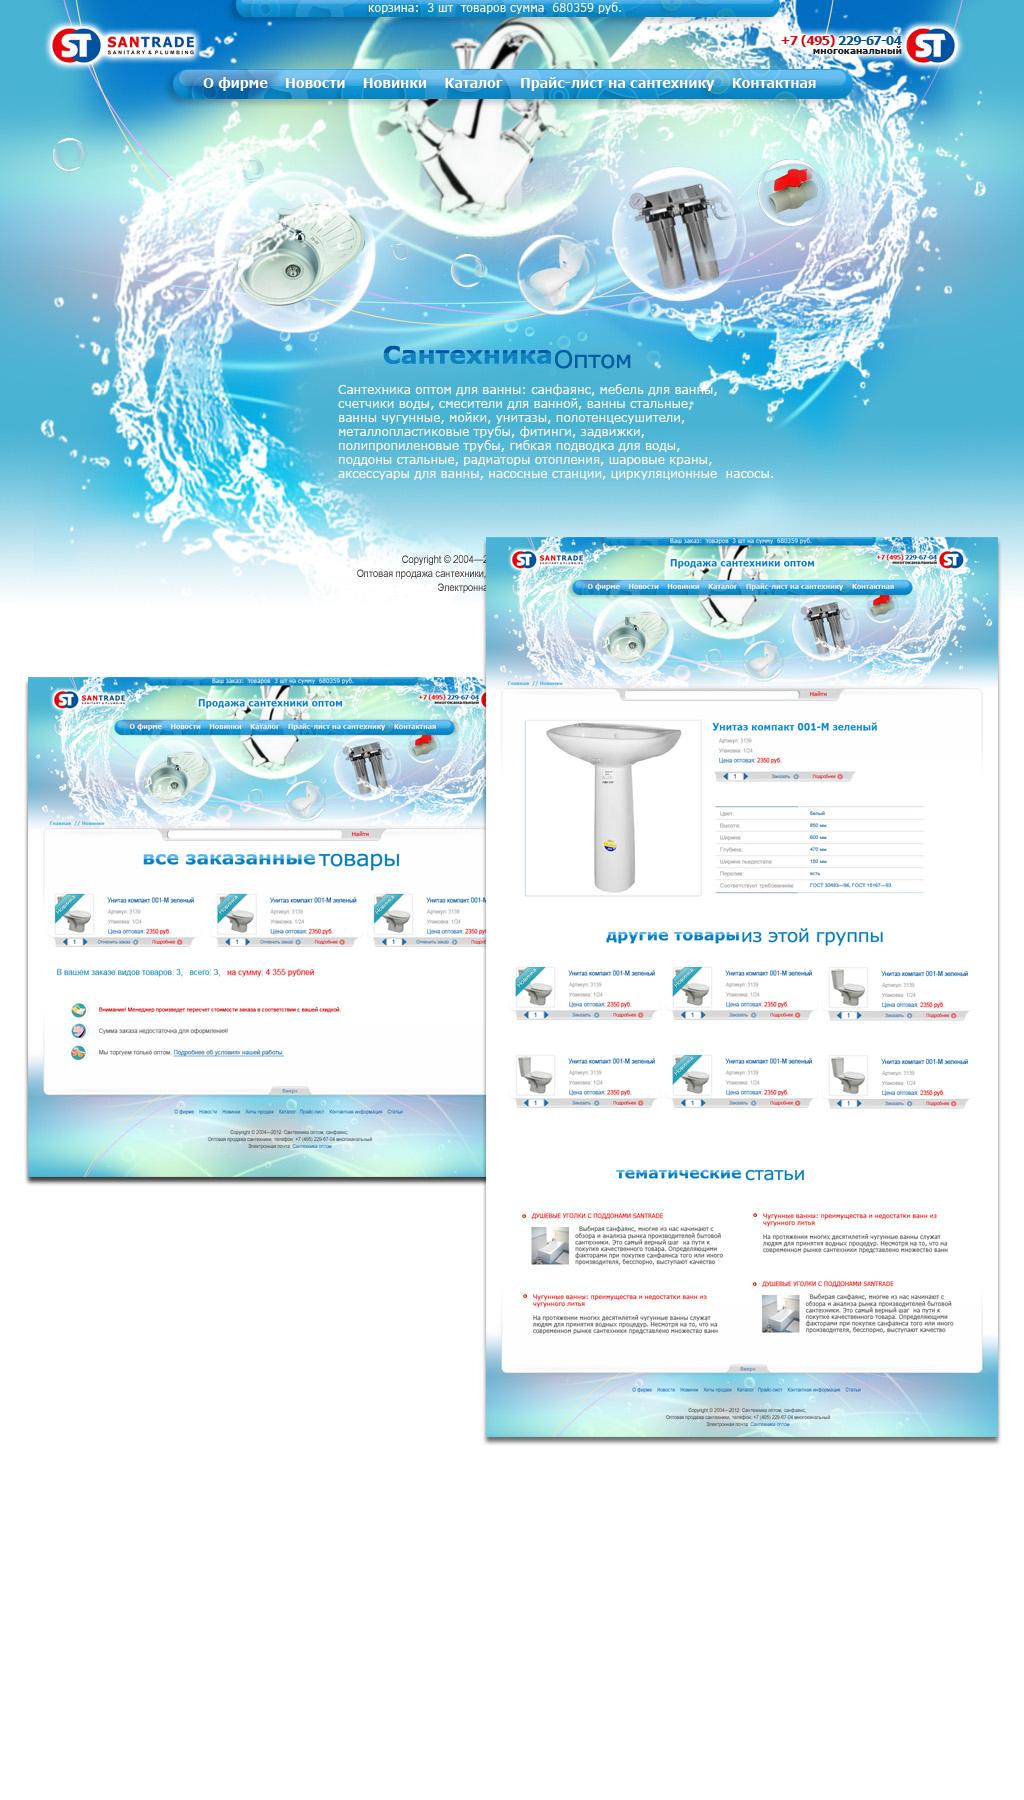 интернет магазин сантехники и аксессуаров (2 дизайн)